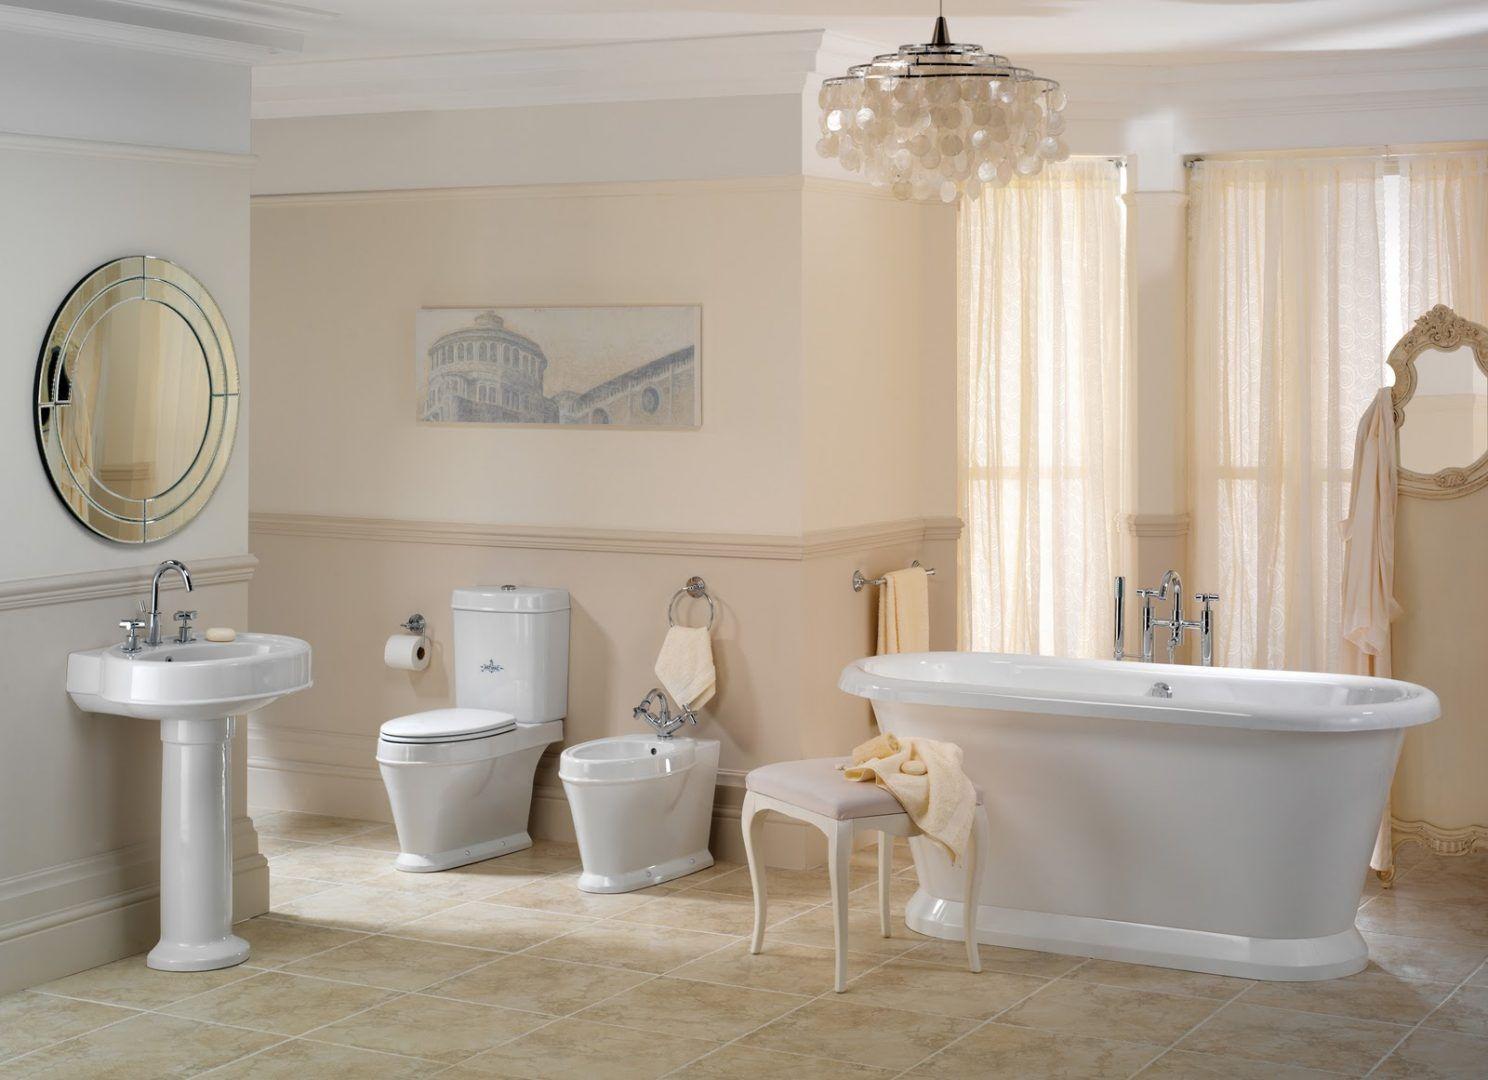 decoracin de baos bao relajante decoracin inglesa decoracion baos persianas espacios modelos casas baos de poca